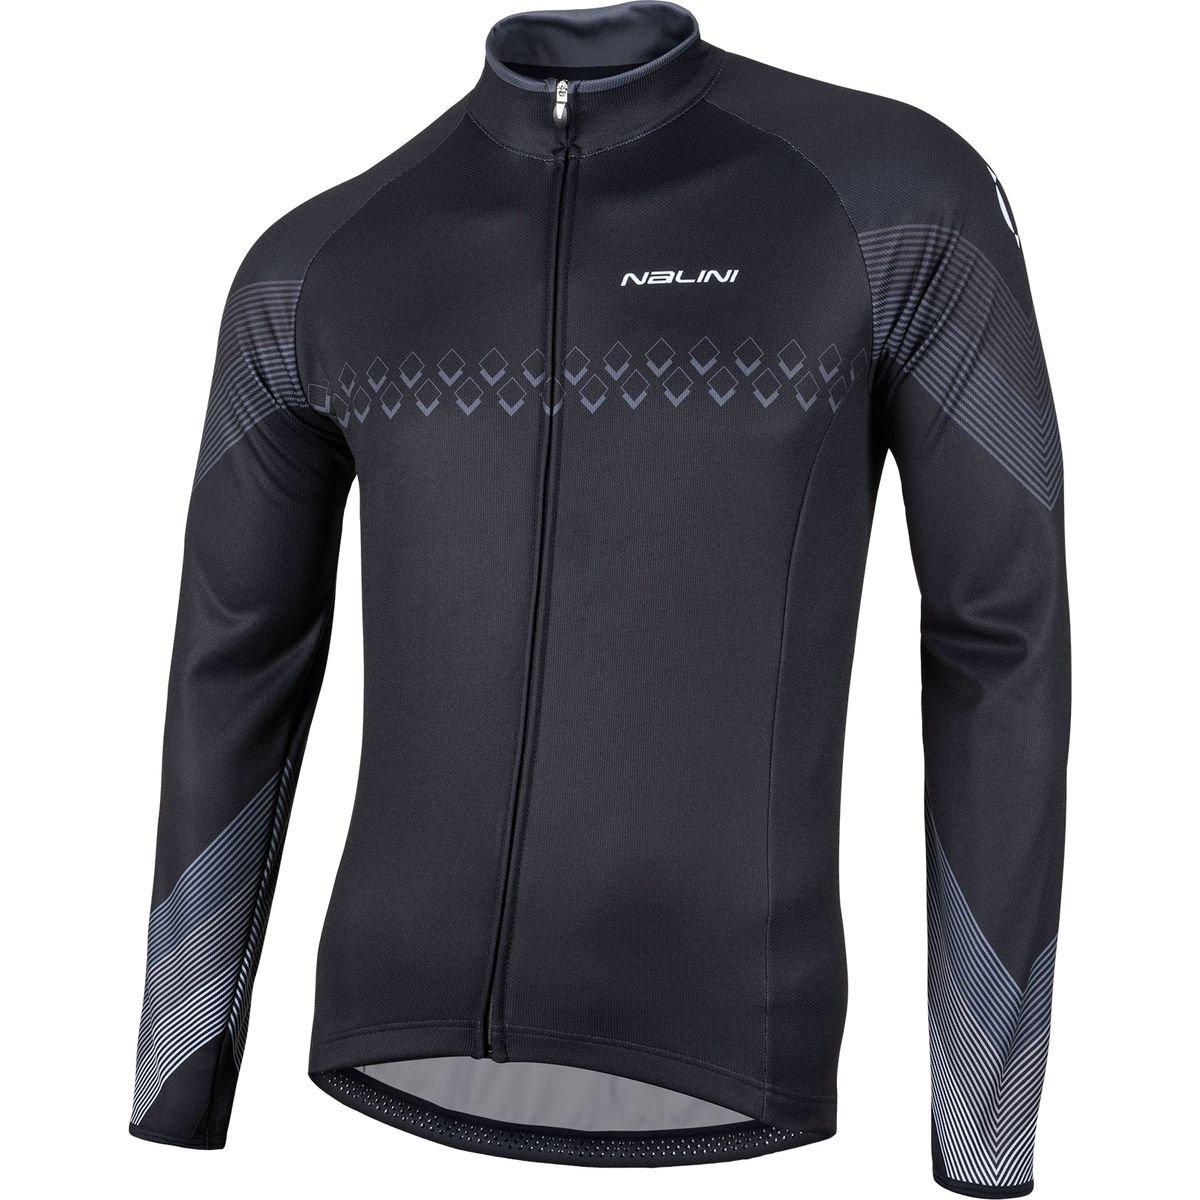 ナリーニ(ナリーニ) 4000 GRACRUX メンズ サイクルウェア 自転車ジャージ 0248374000 BLACK B076T3PQPX  ブラック 3L